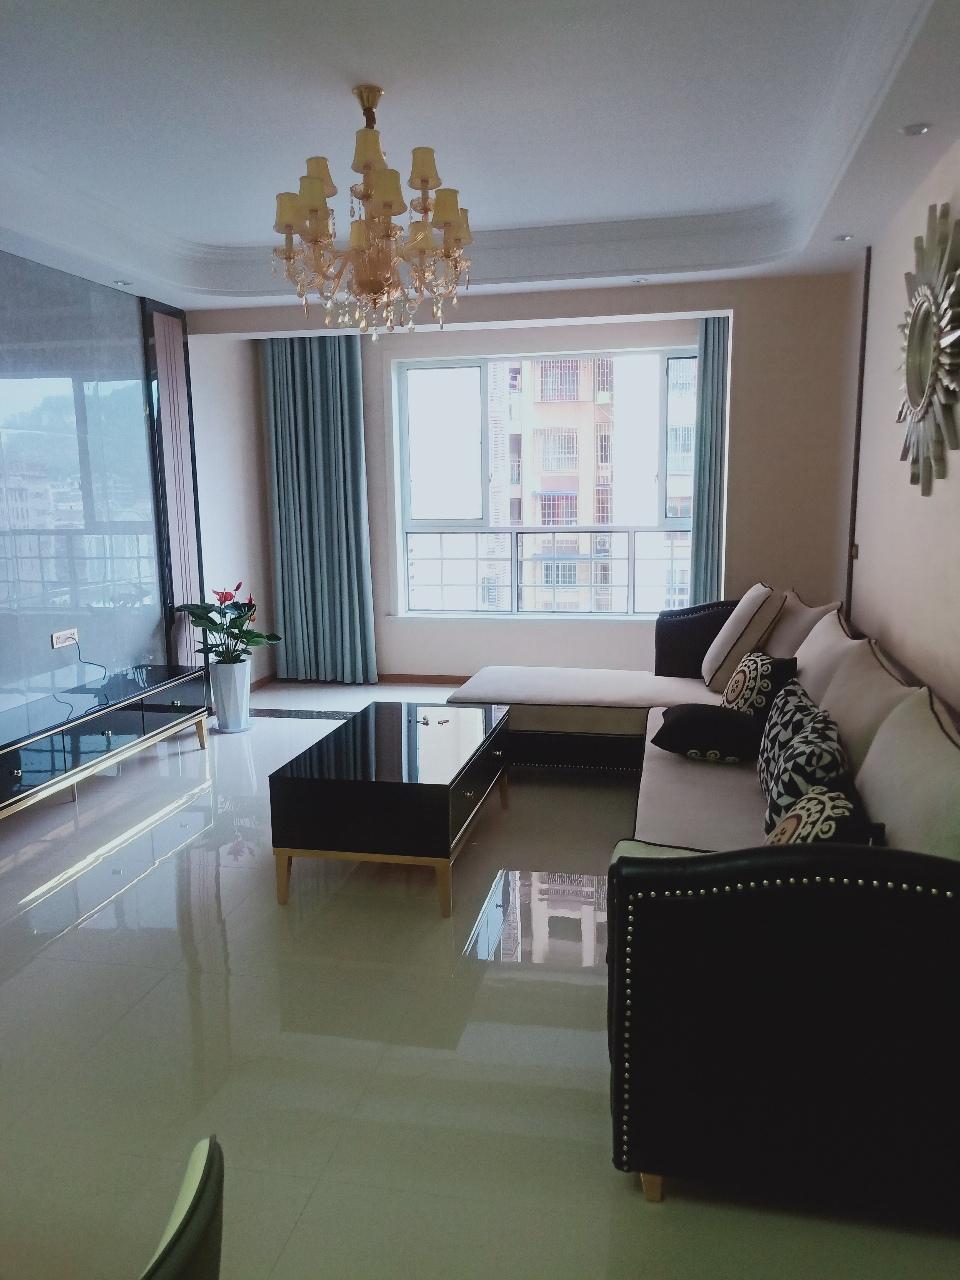 阳光凯悦3室 2厅 2卫74.8万元